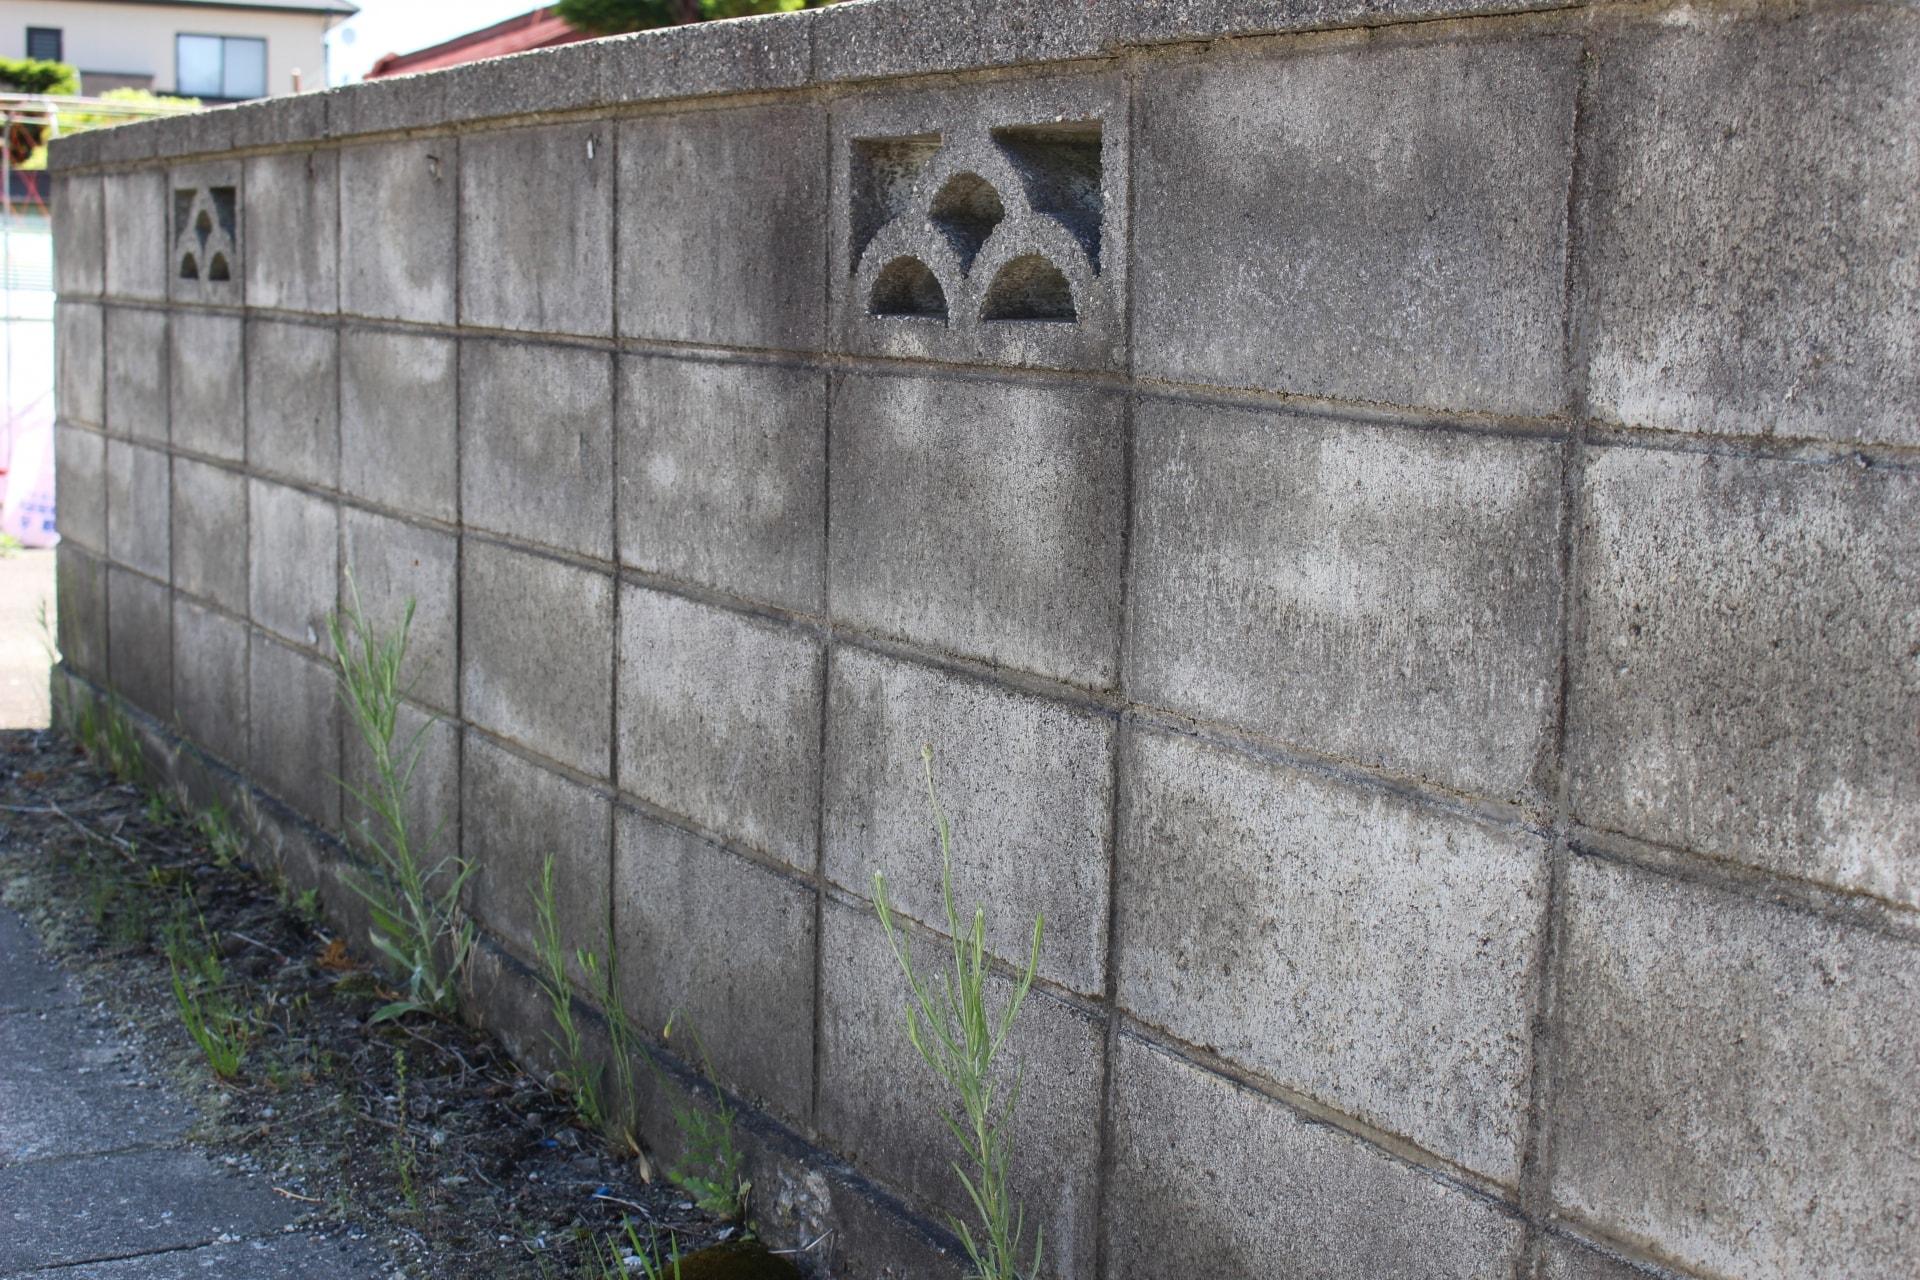 大阪北部地震から2年 / 中古戸建て見学時に確認すべきブロック塀のチェックポイント